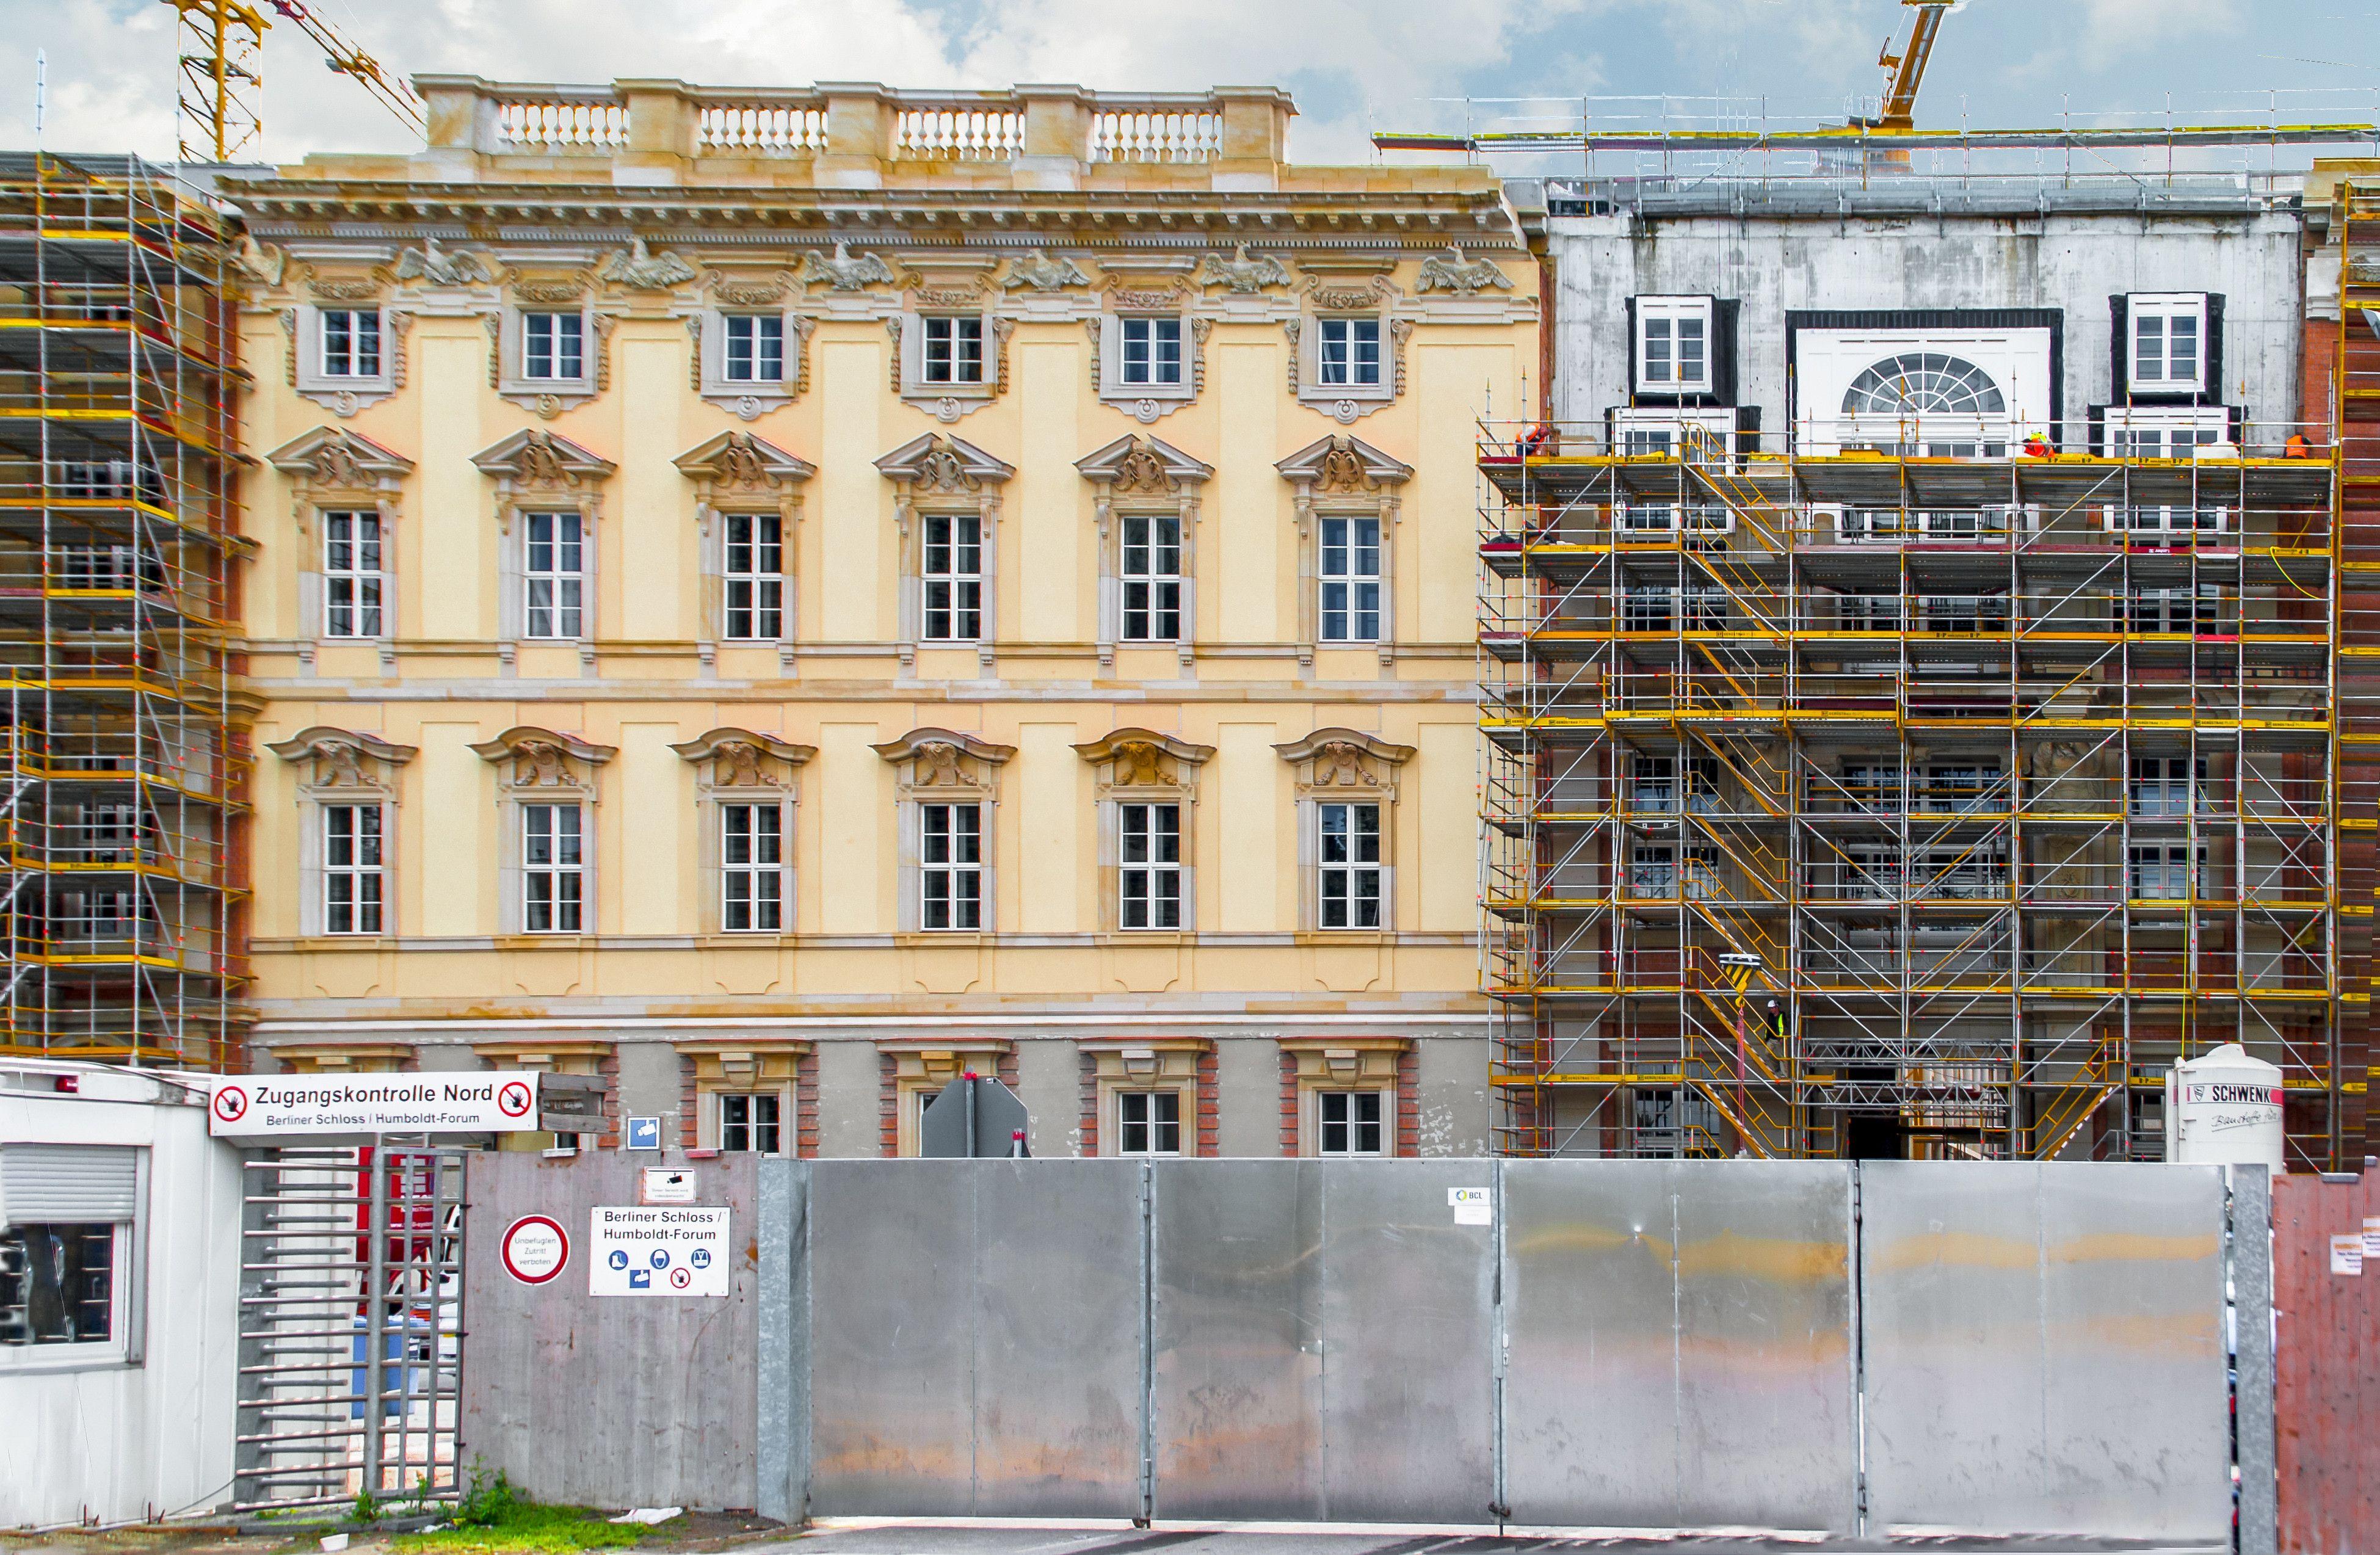 Links Die Vorgehangte Fassade Rechts Rohzustand Baustelle Humboldt Forum Leaning Tower Of Pisa Leaning Tower Building